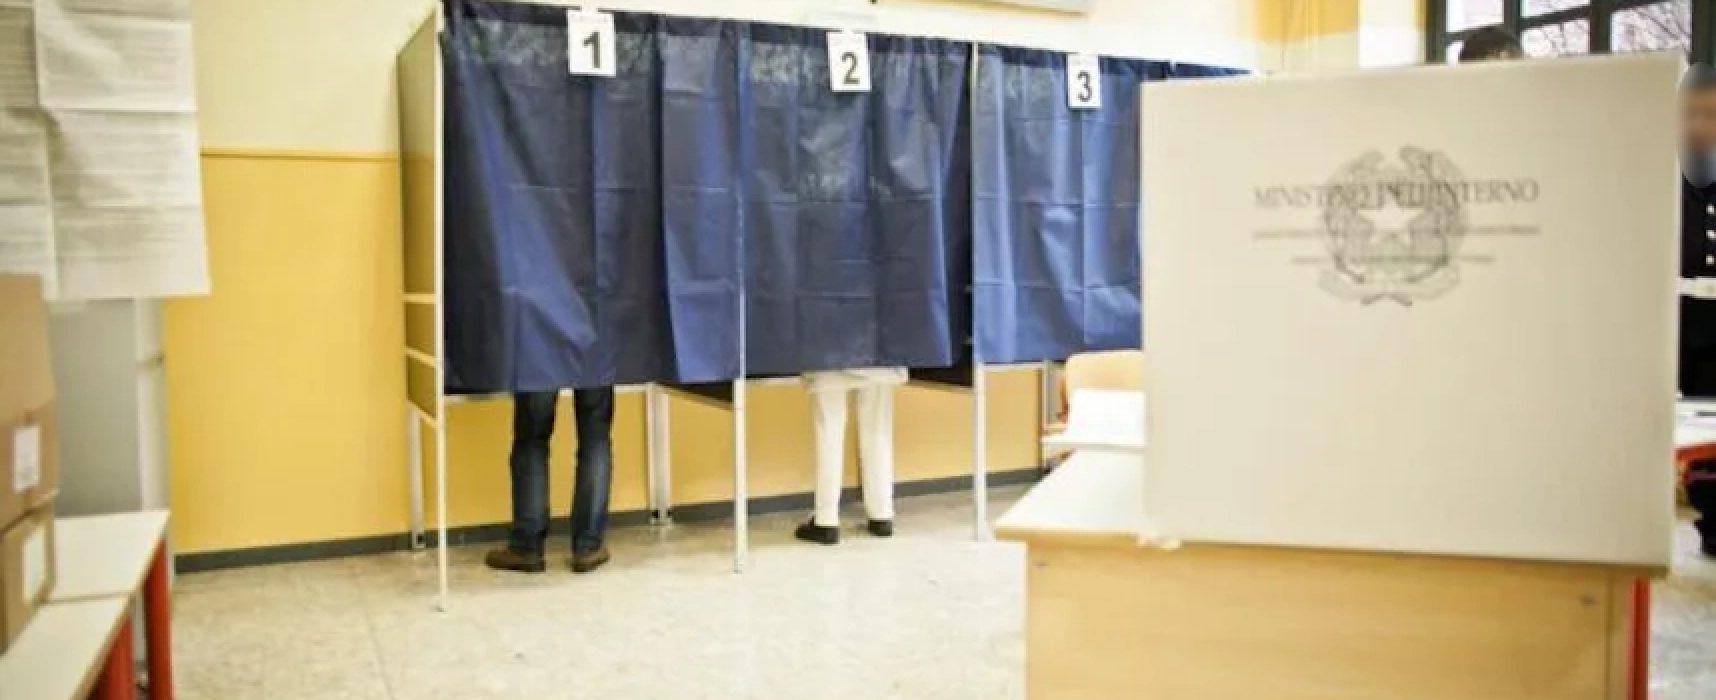 Ministero Salute adotta protocollo sanitario per ridurre rischio contagio durante il voto